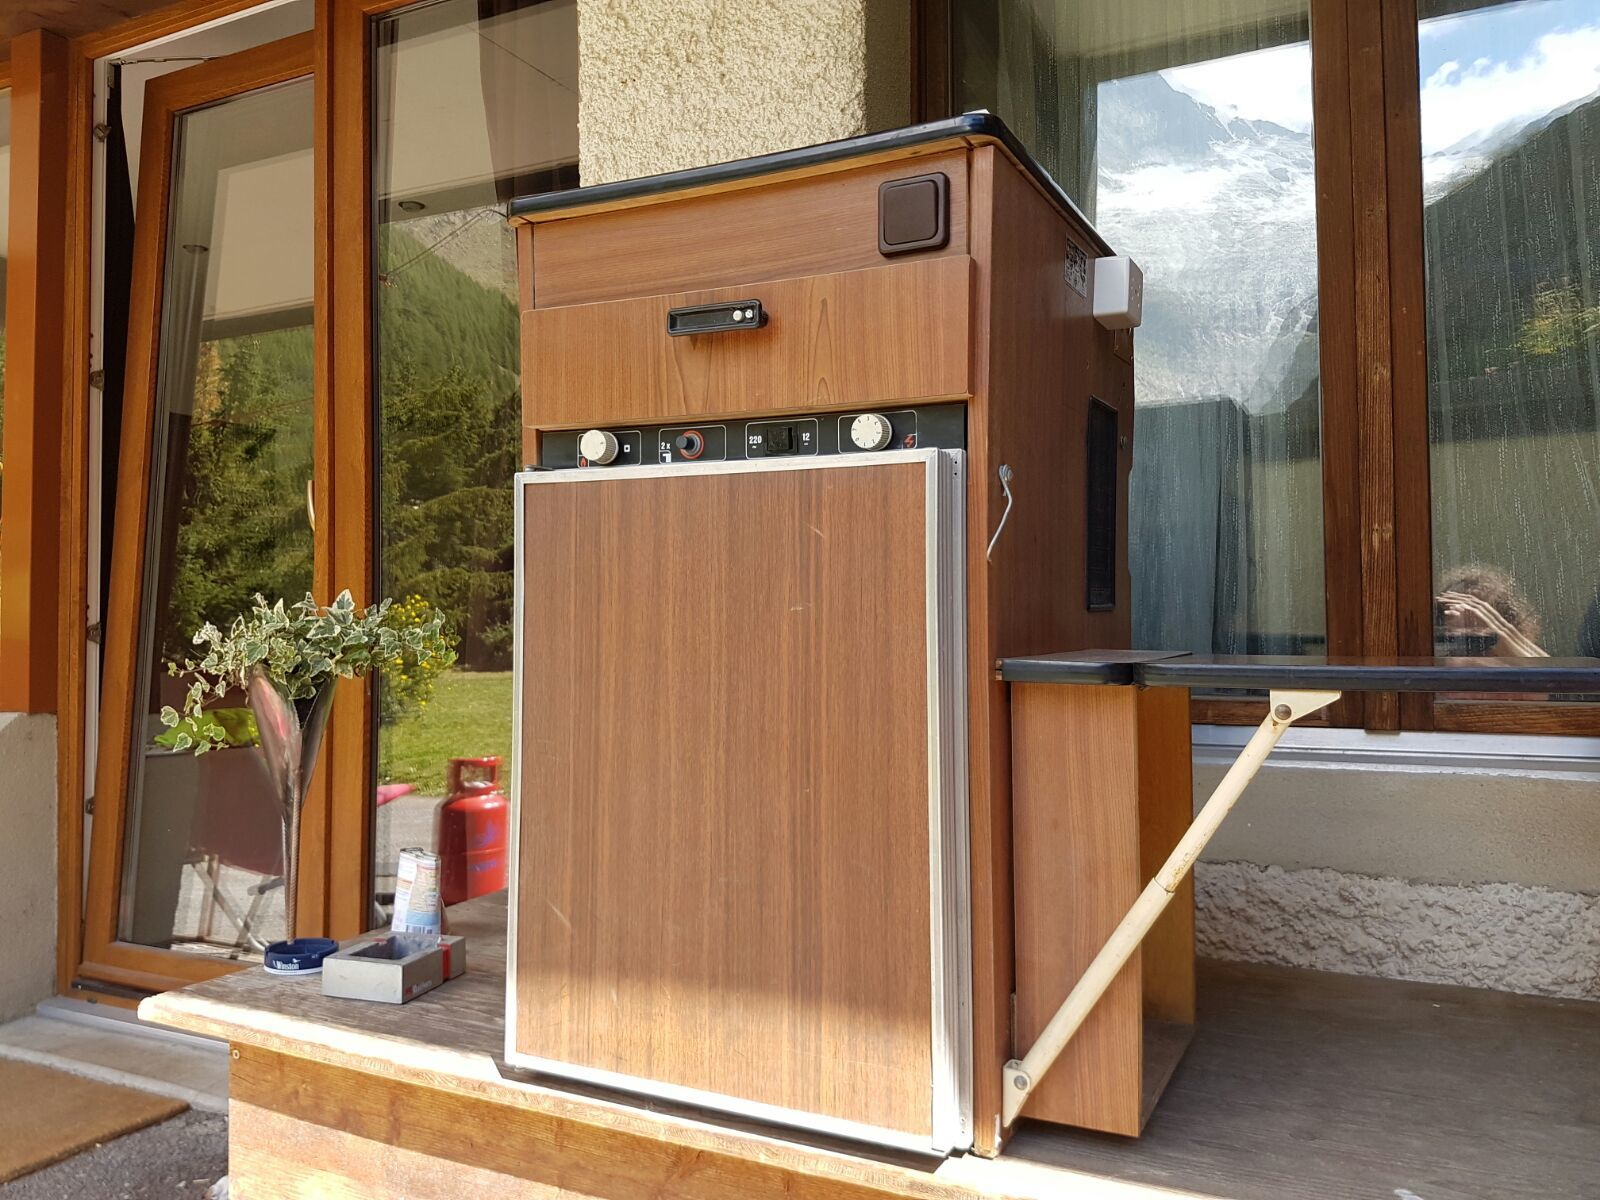 Original t2 lavabo und kühlschrank mit möbel zu verkaufen ...